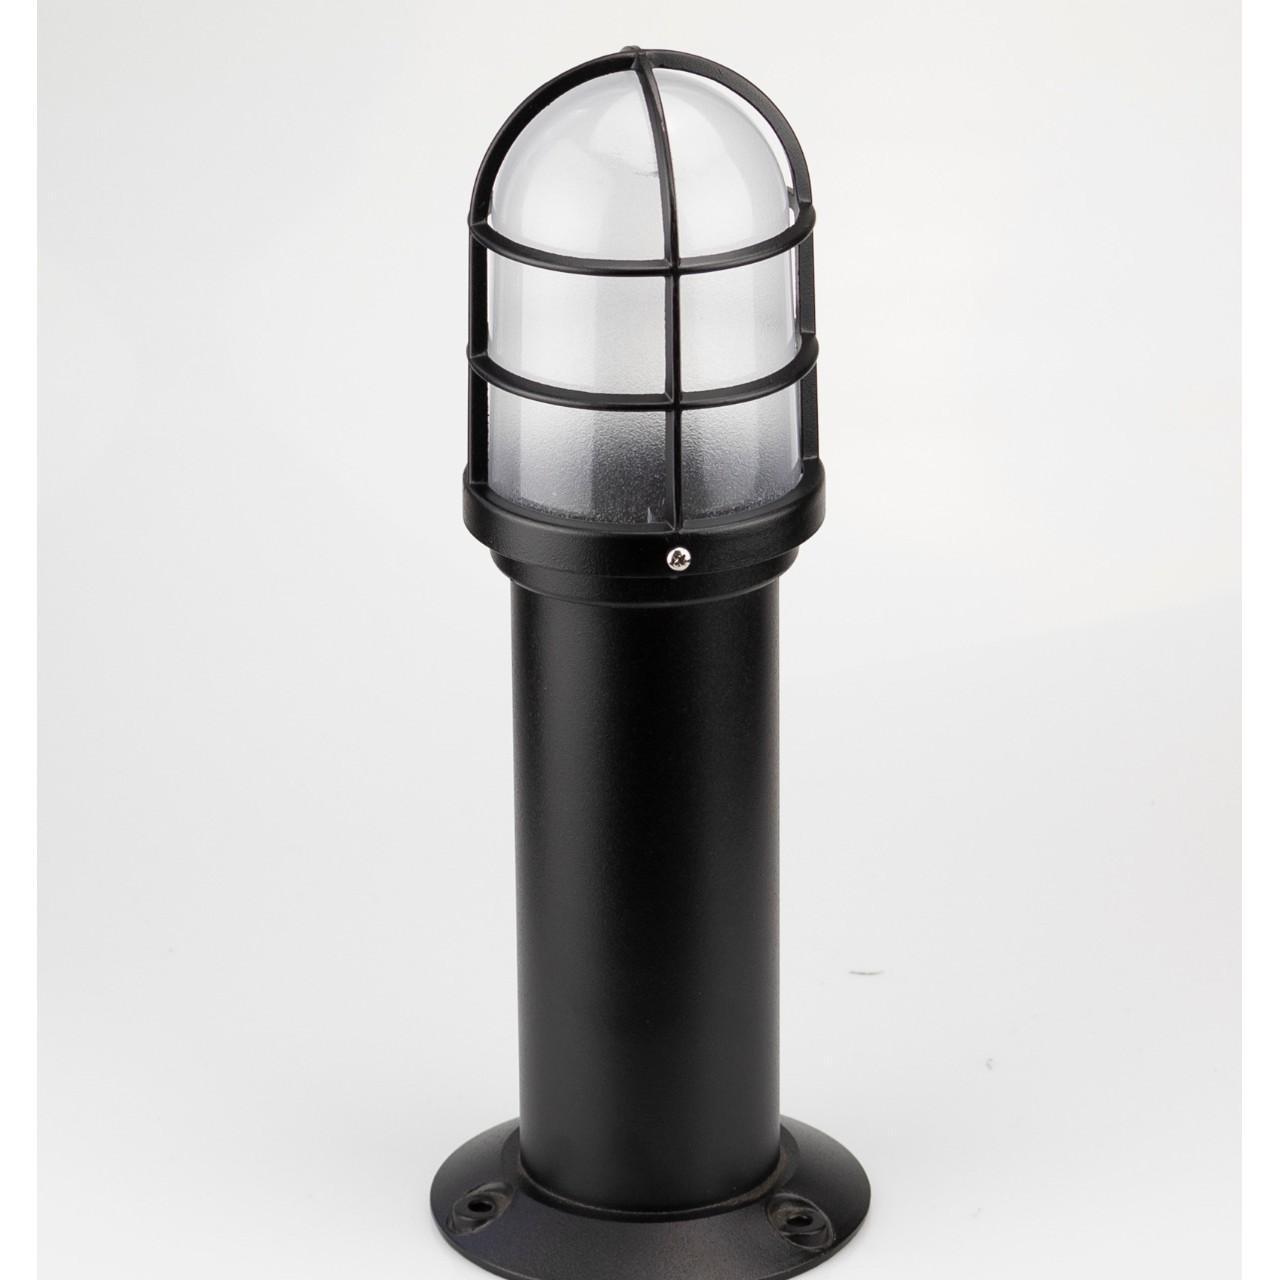 Poste para Jardim Oval em Aluminio 35cm E27 Preto - Germany